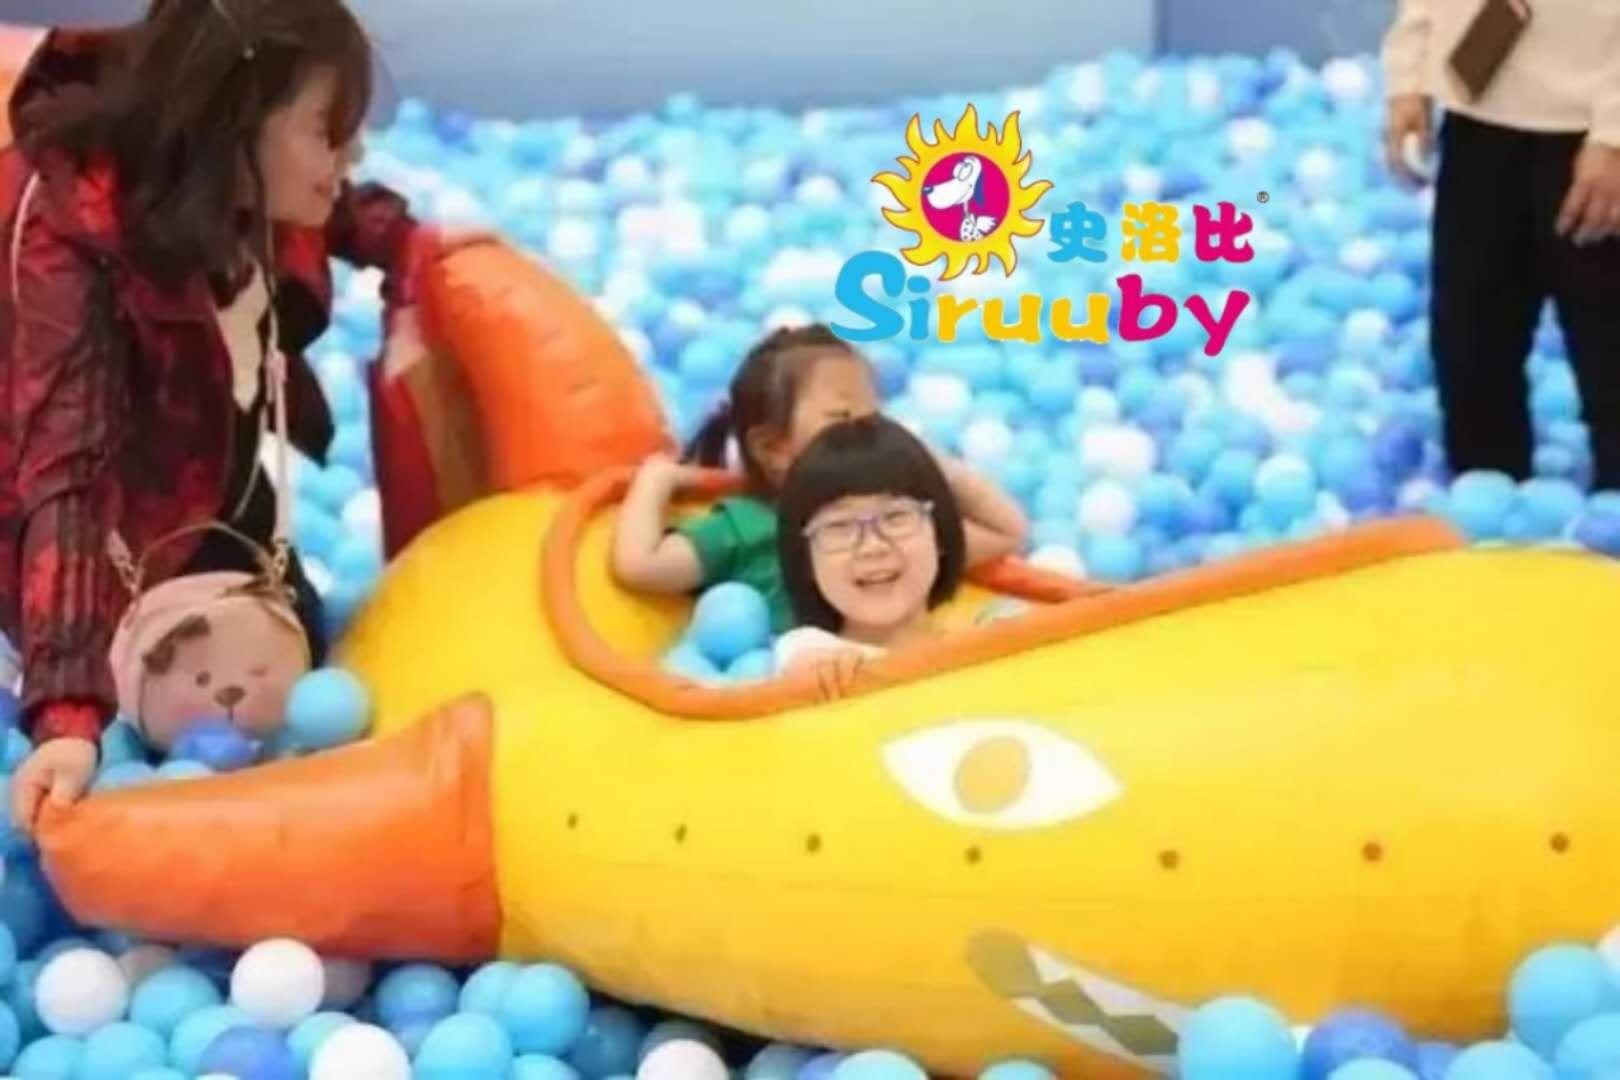 儿童乐园亲子互动中心投资淘气堡儿童乐园项室内儿童乐园